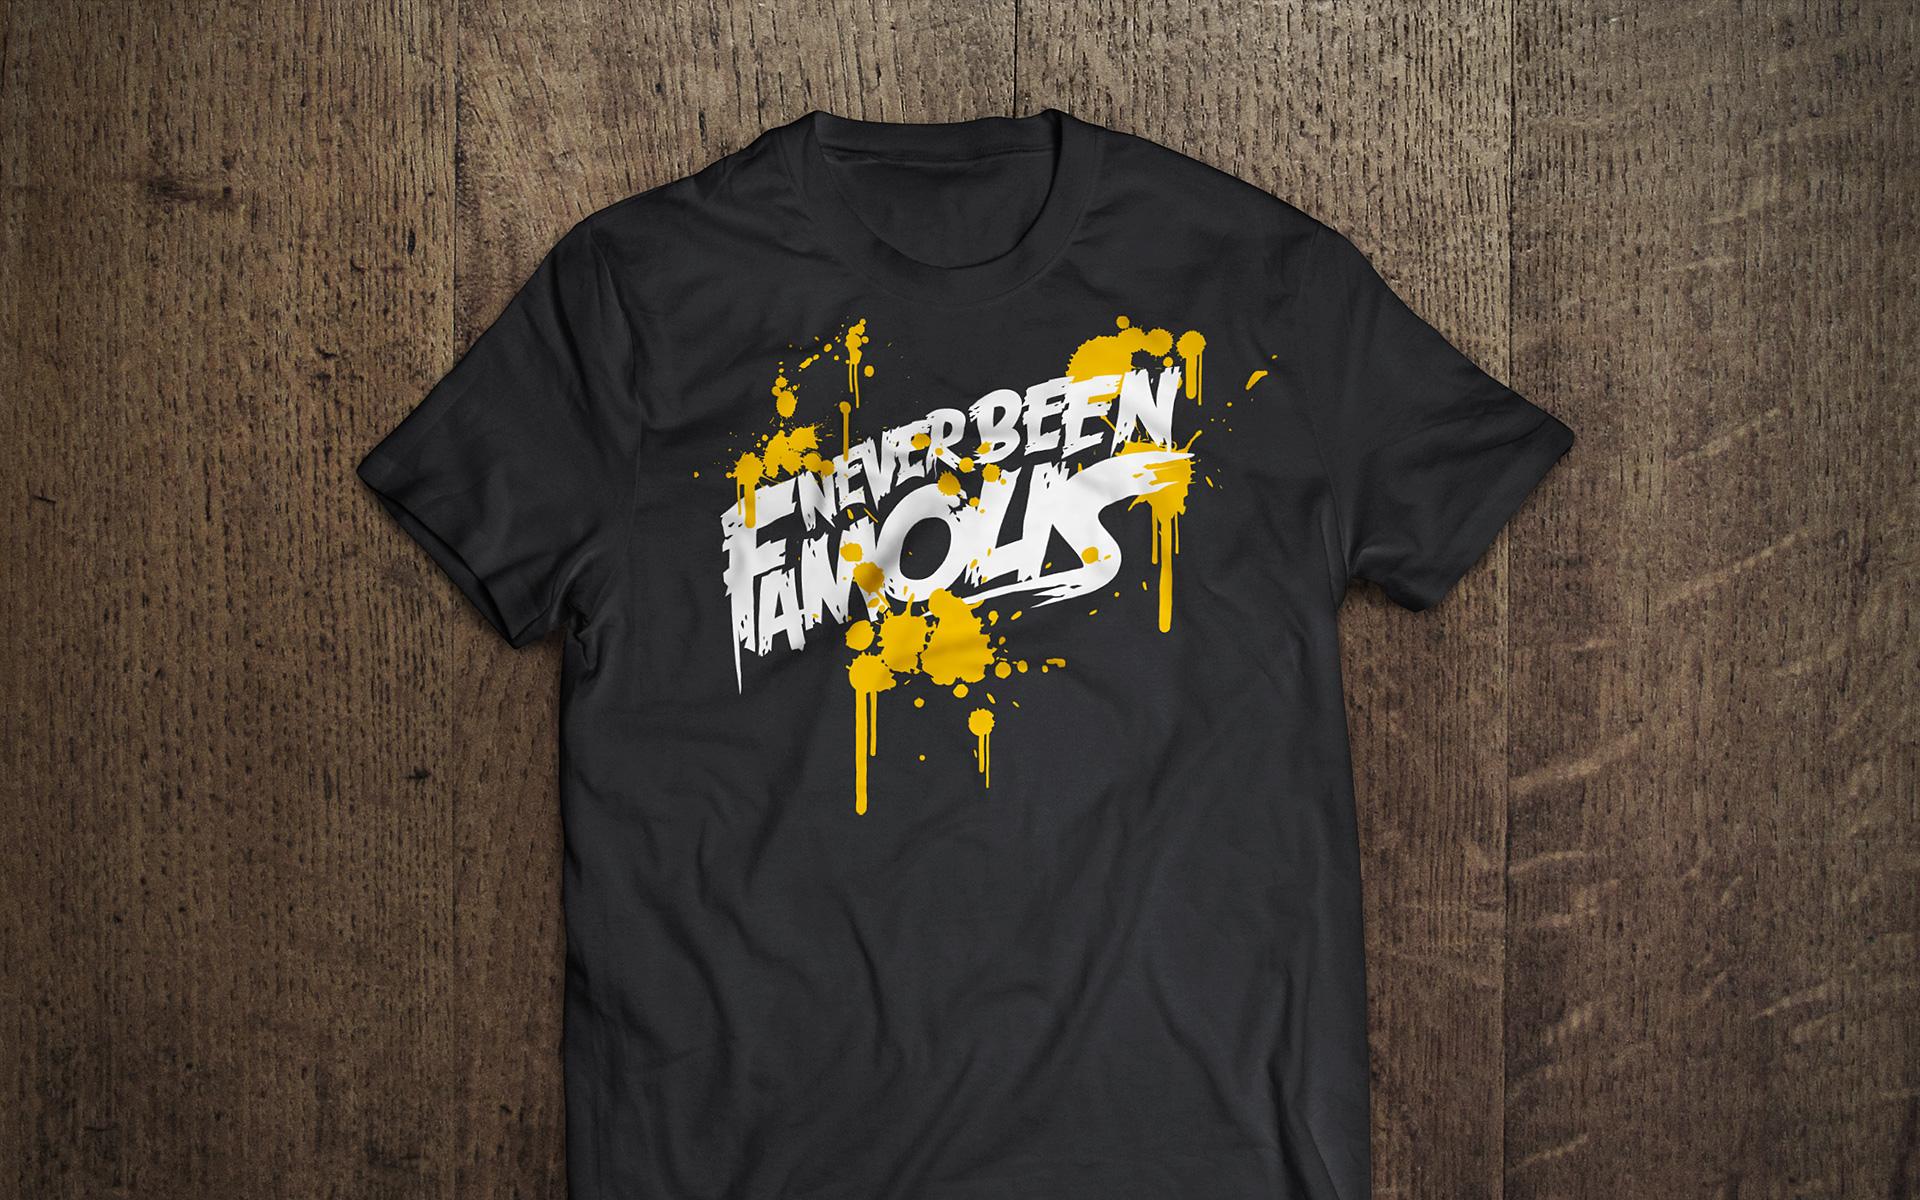 NBF-Shirts-5